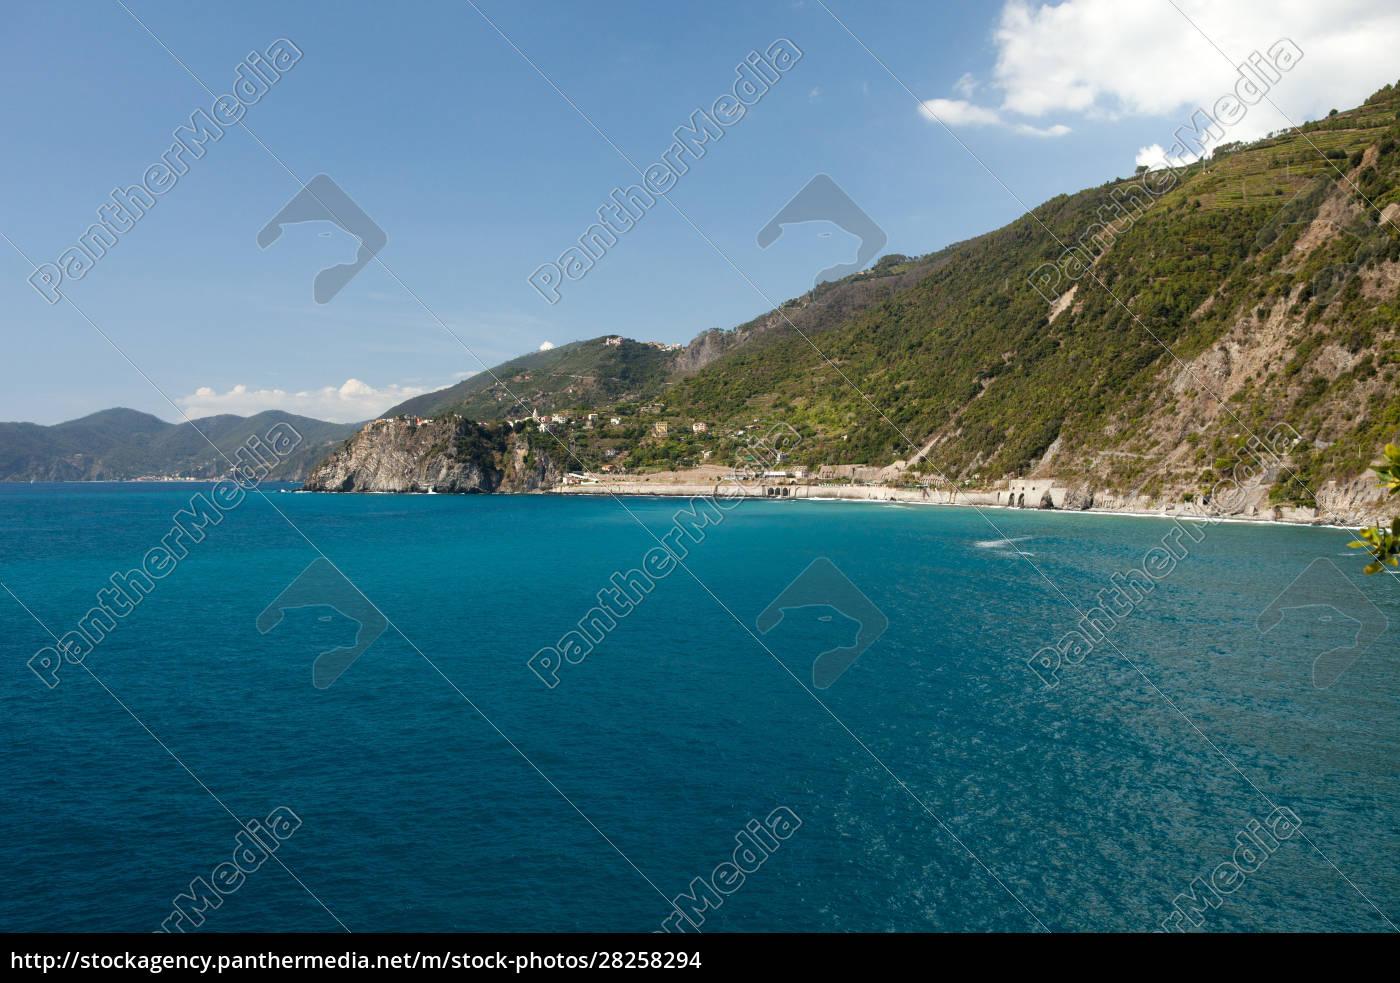 the, picturesque, coastline, of, the, cinque - 28258294